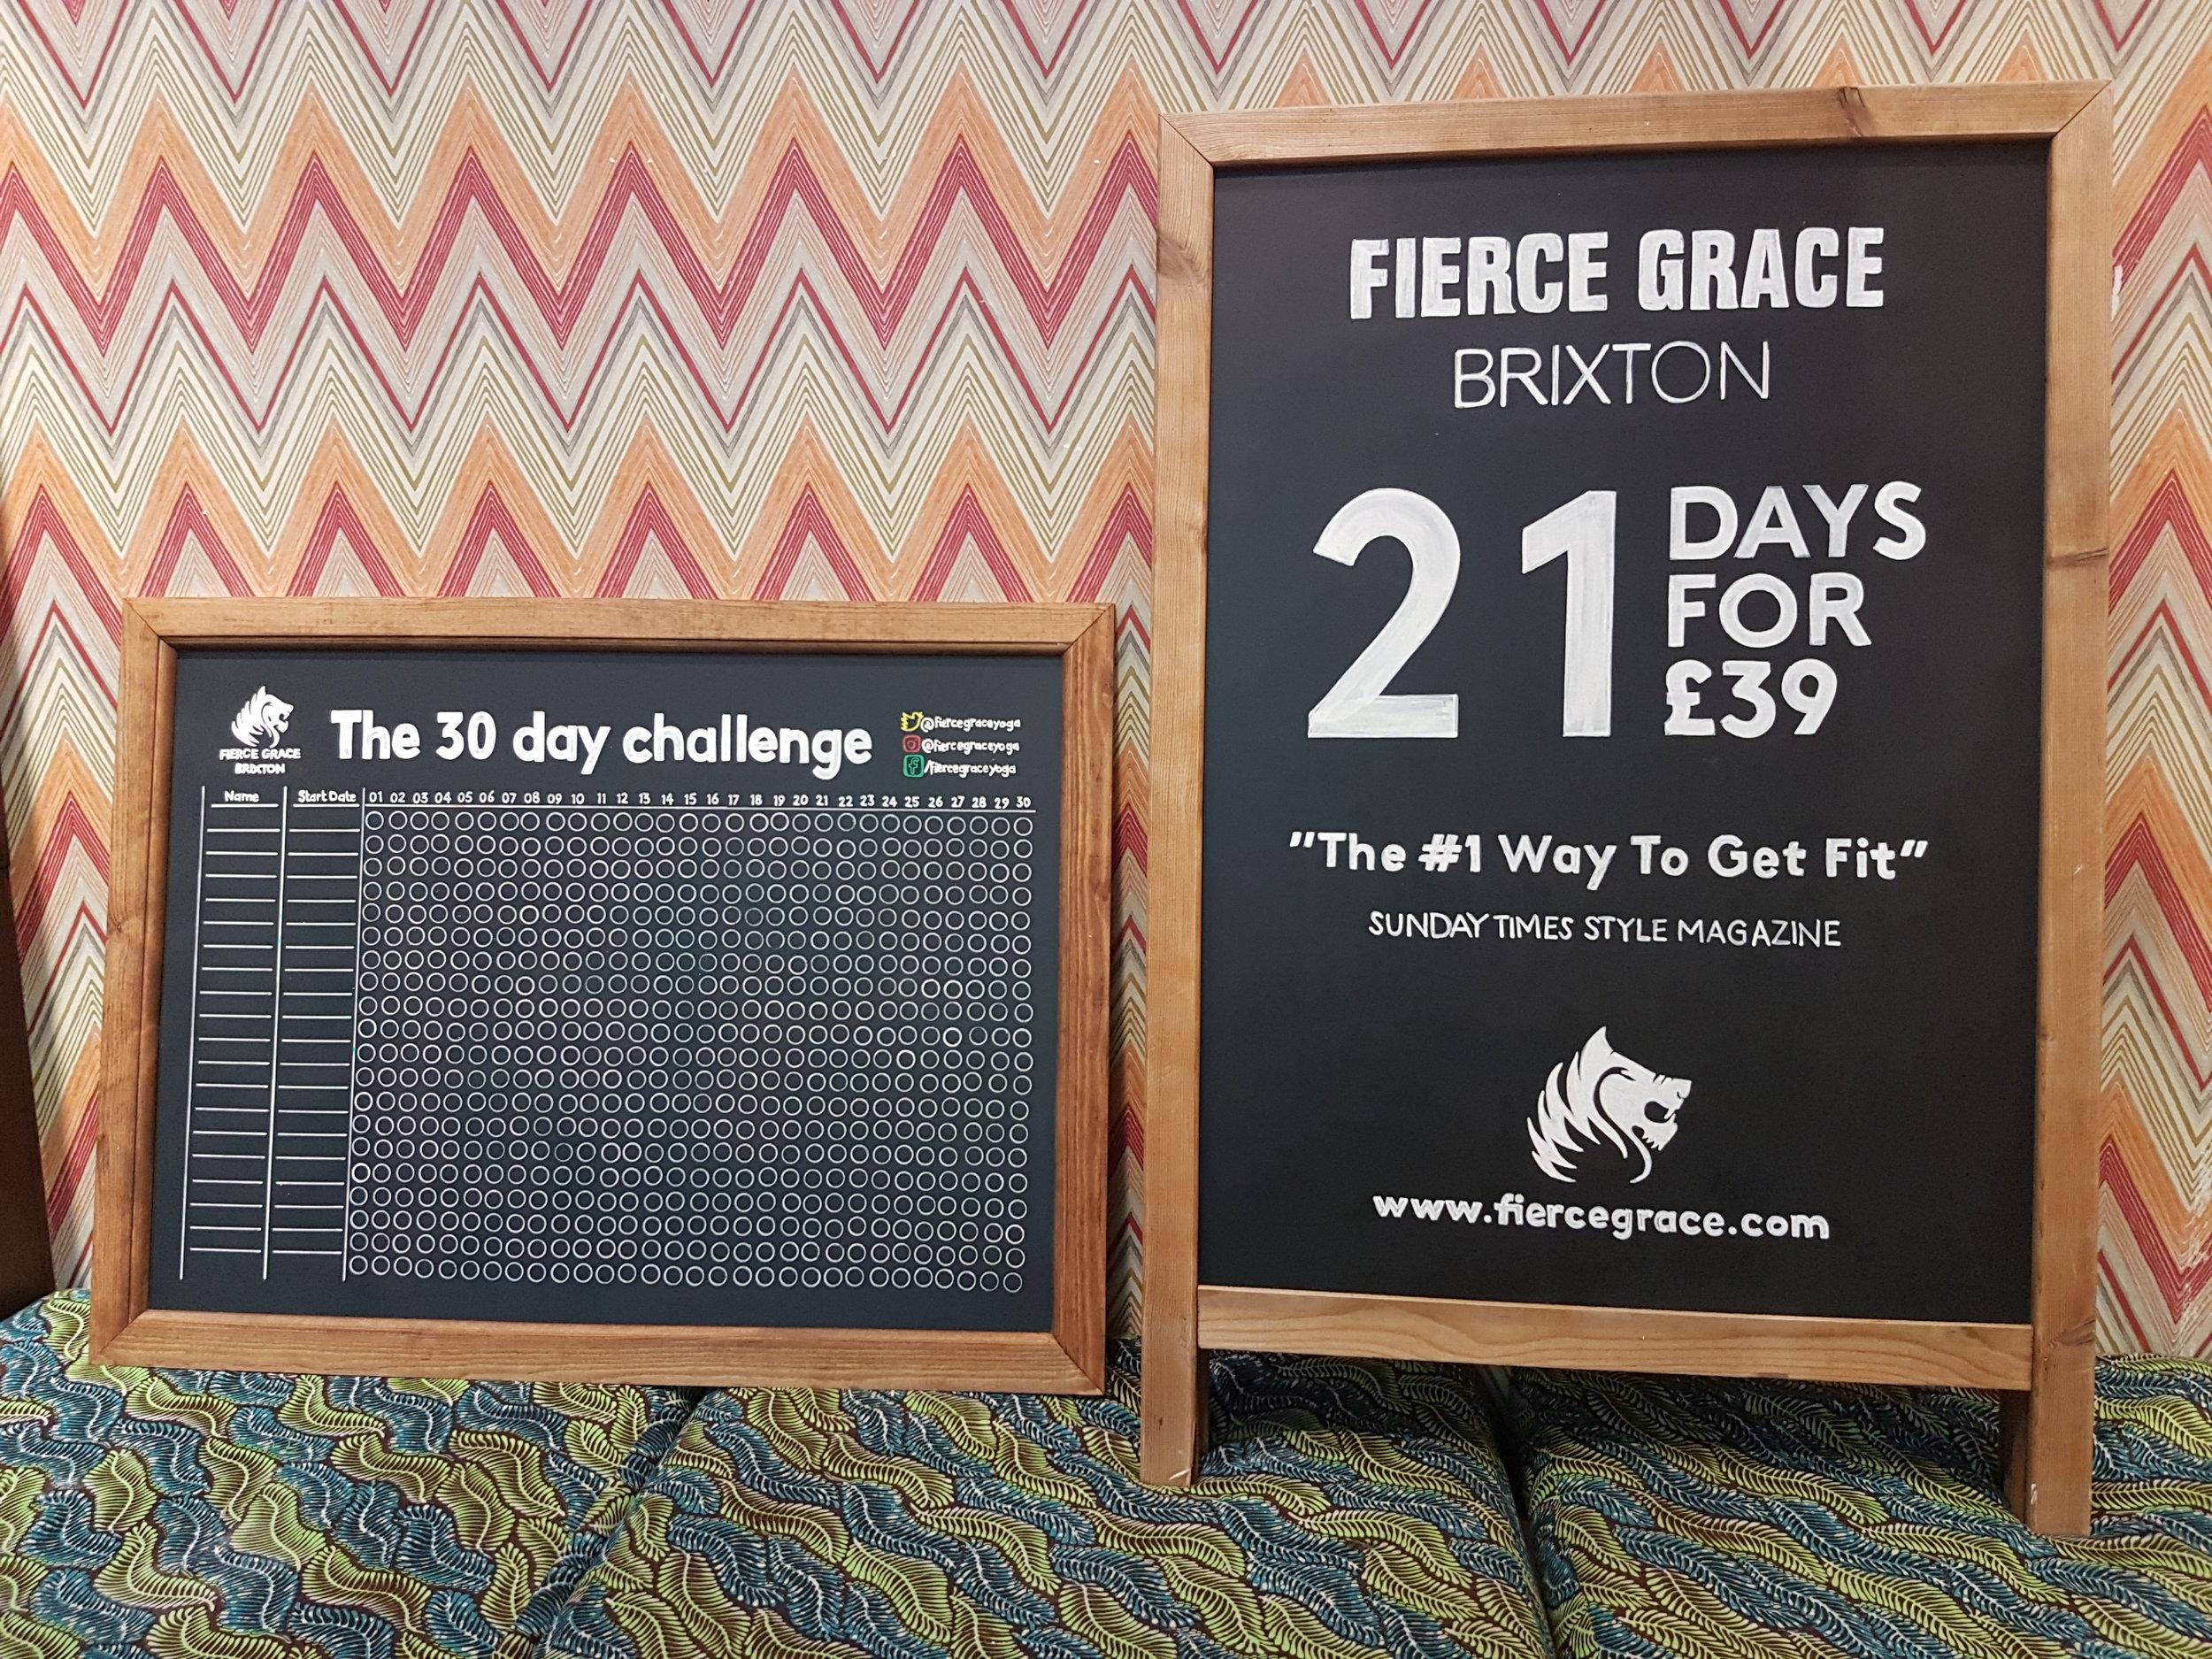 Fierce Grace Yoga chalkboards